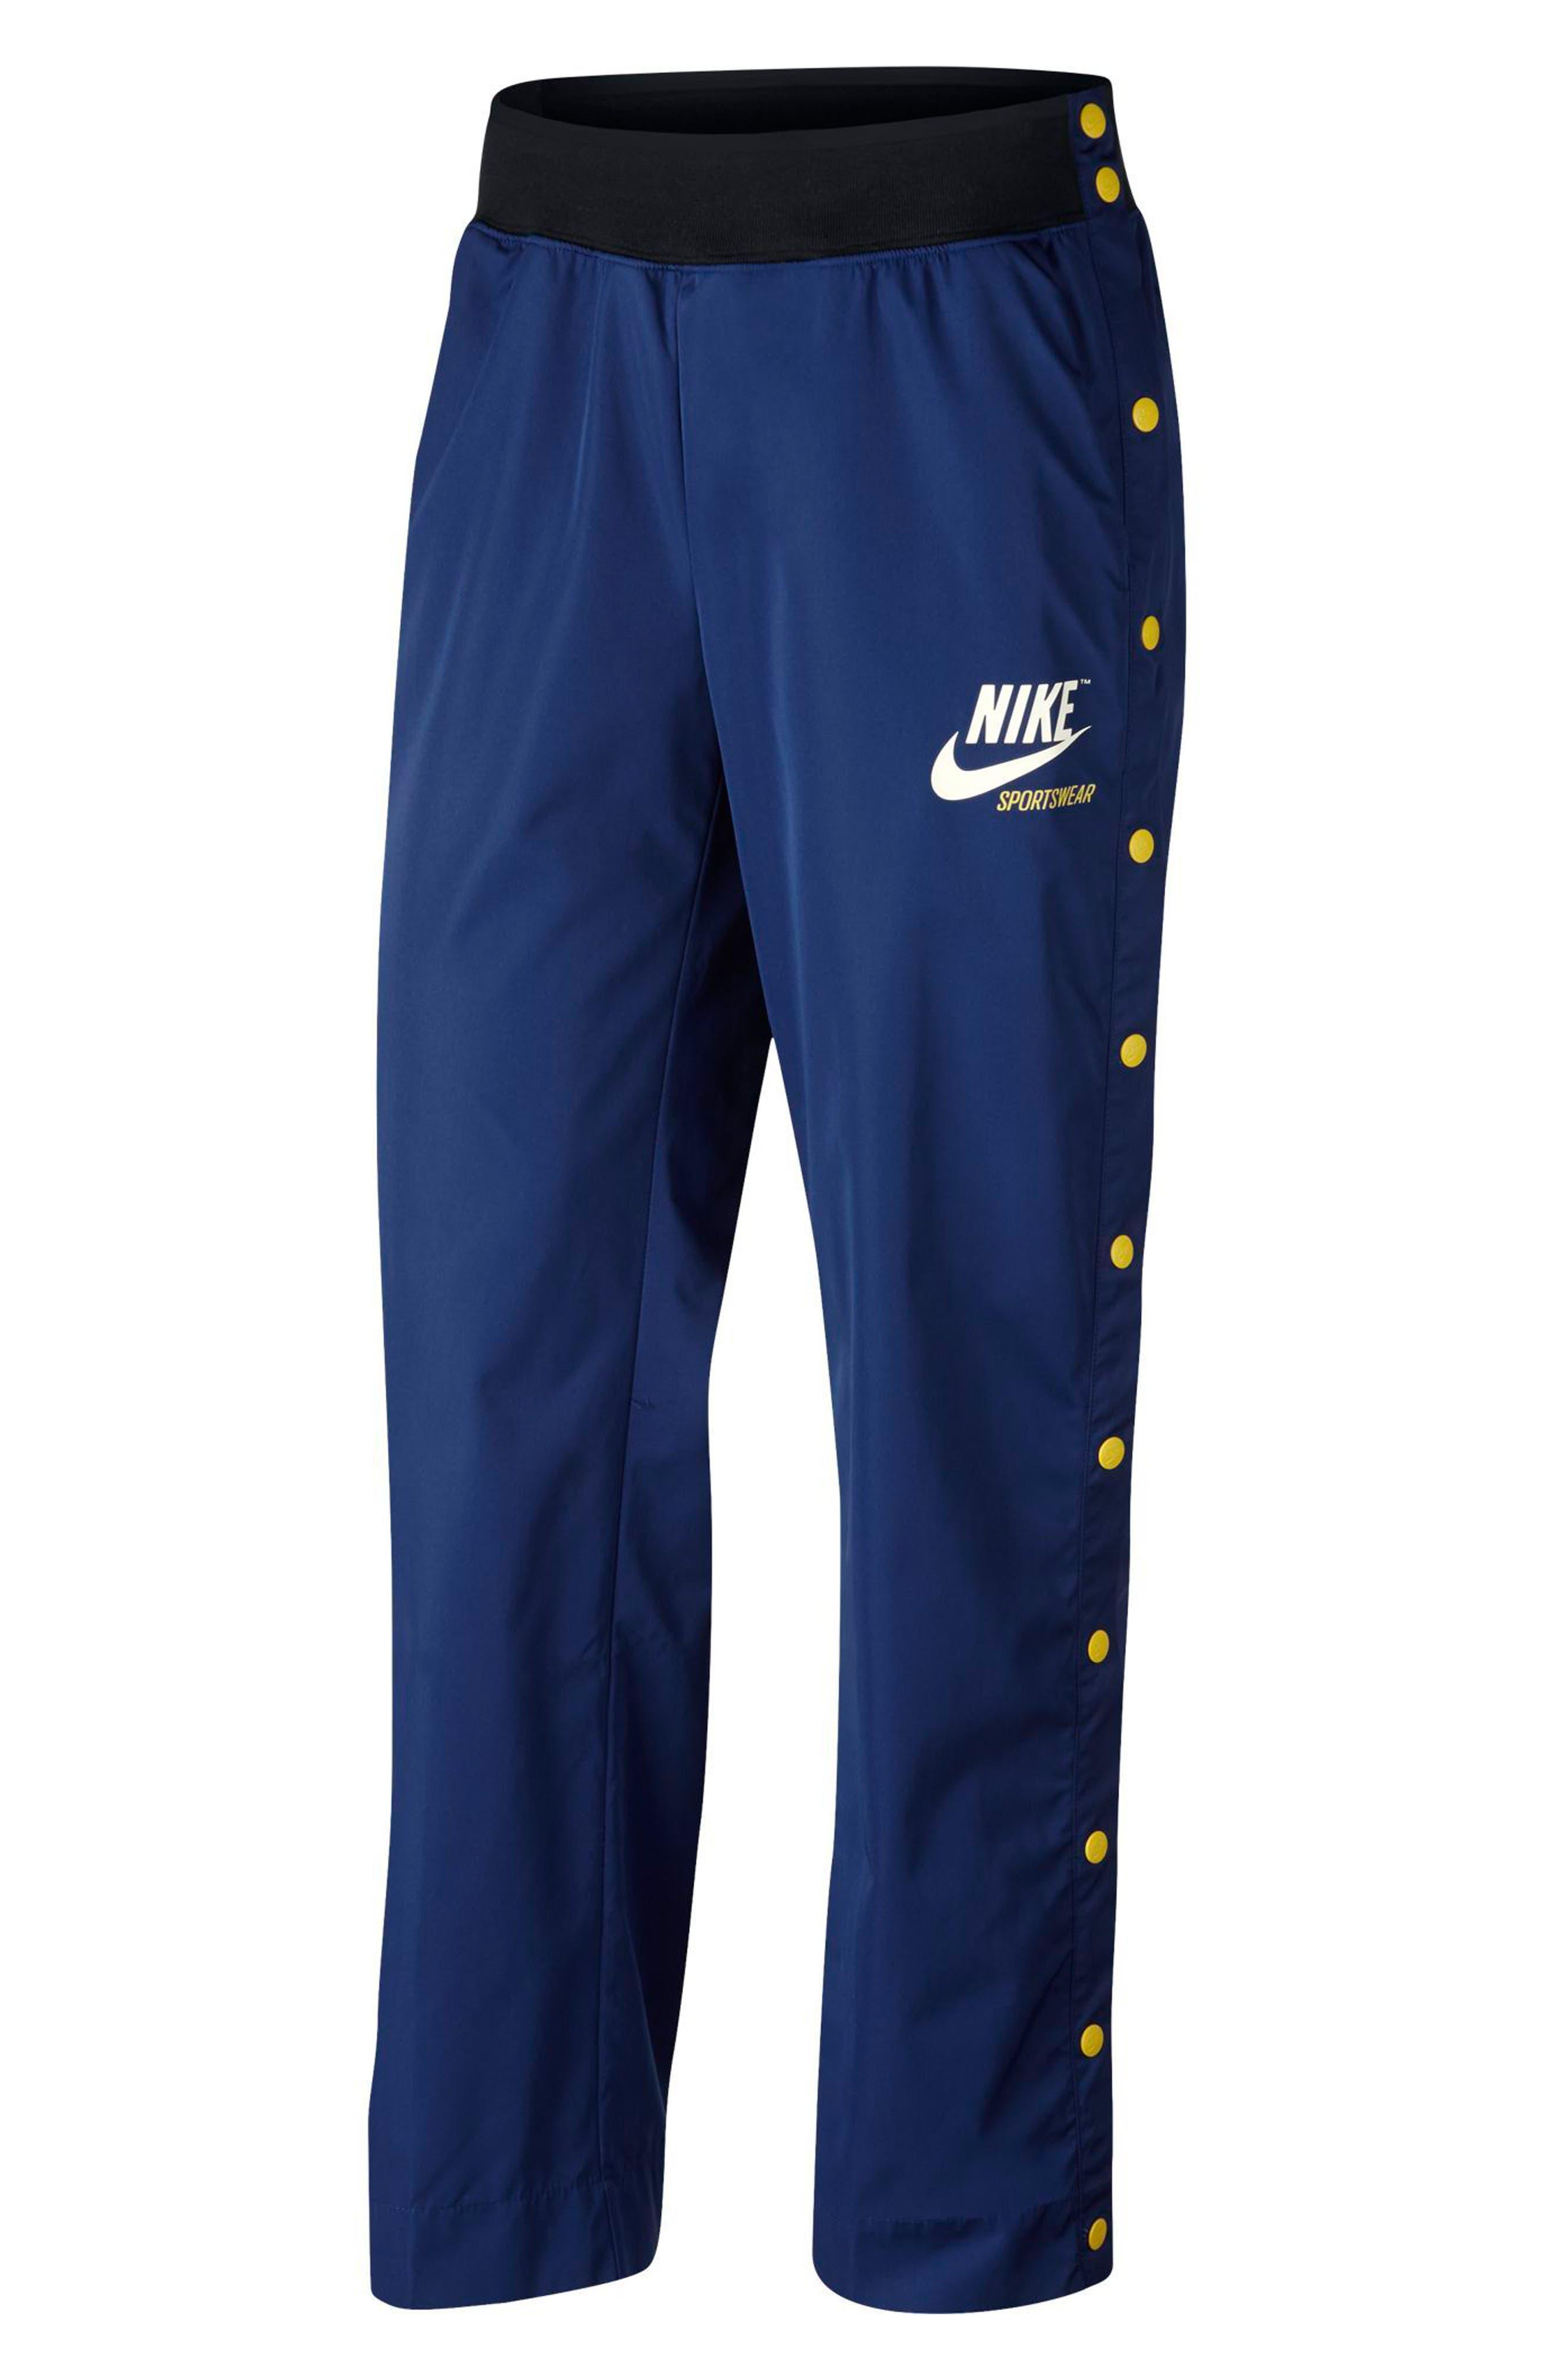 Sportswear Women's Side Snap Pants,                         Main,                         color, 455